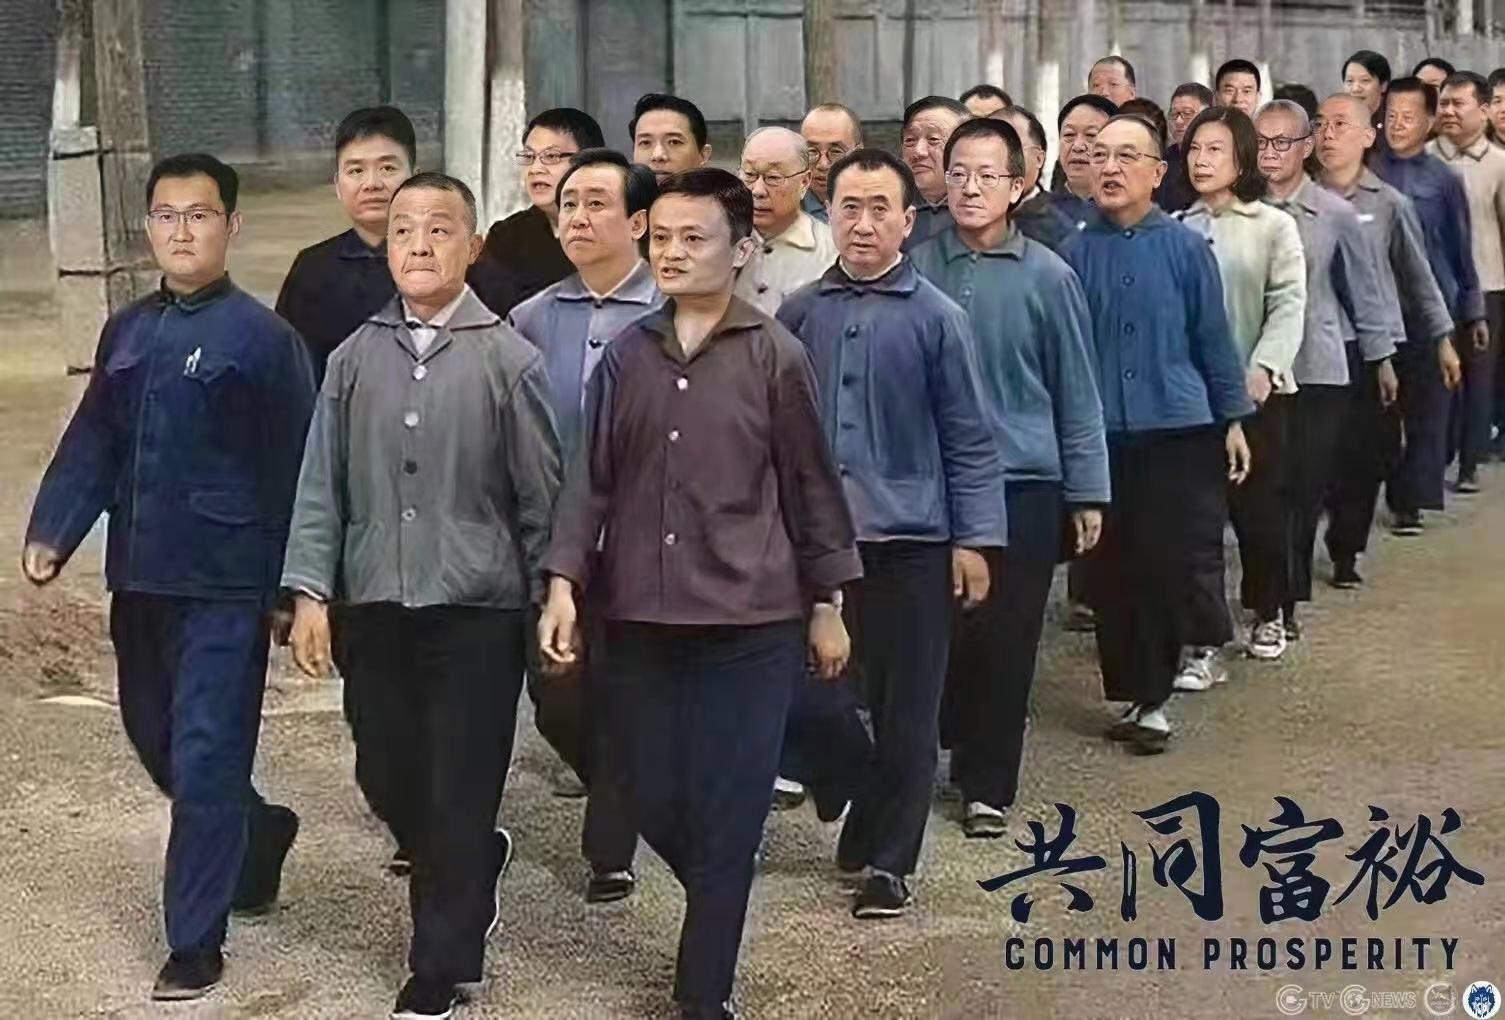 马云,马化腾,刘强东,张建林,柳传志,新东方,任志强